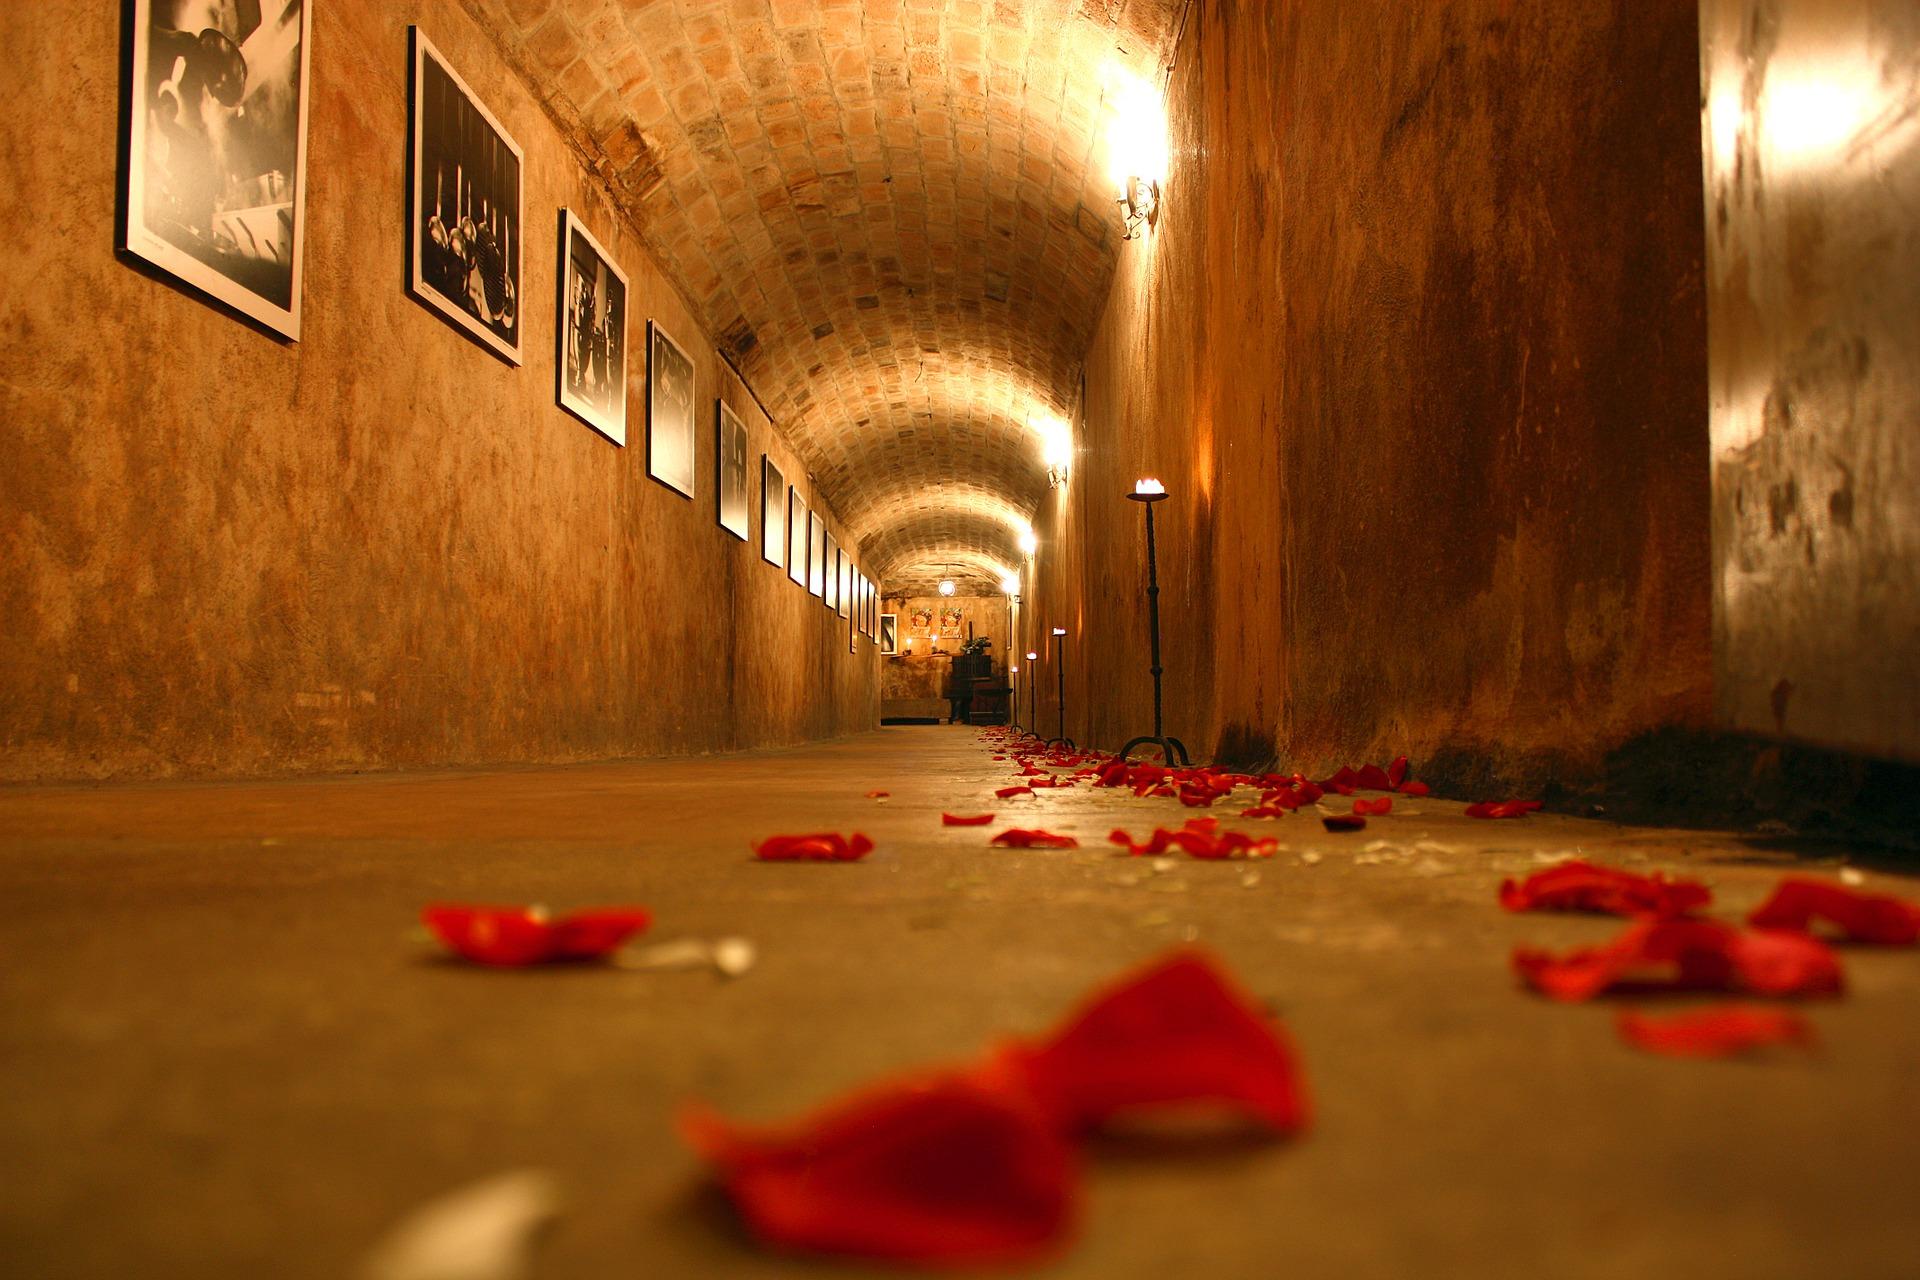 cellar-1228659_1920.jpg